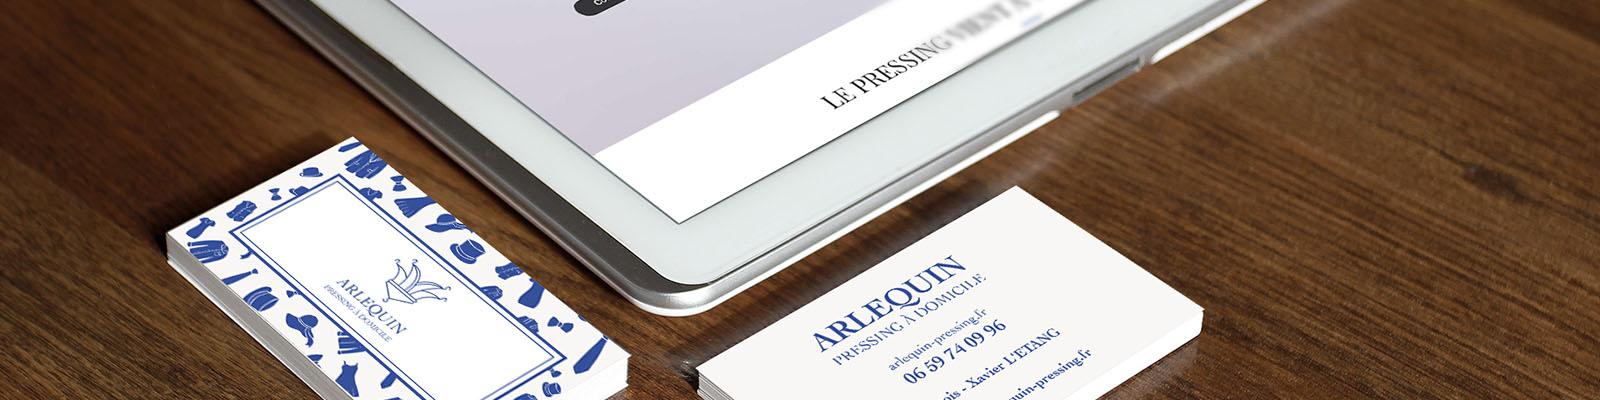 h4-projet-banner-arlequin-1600x400